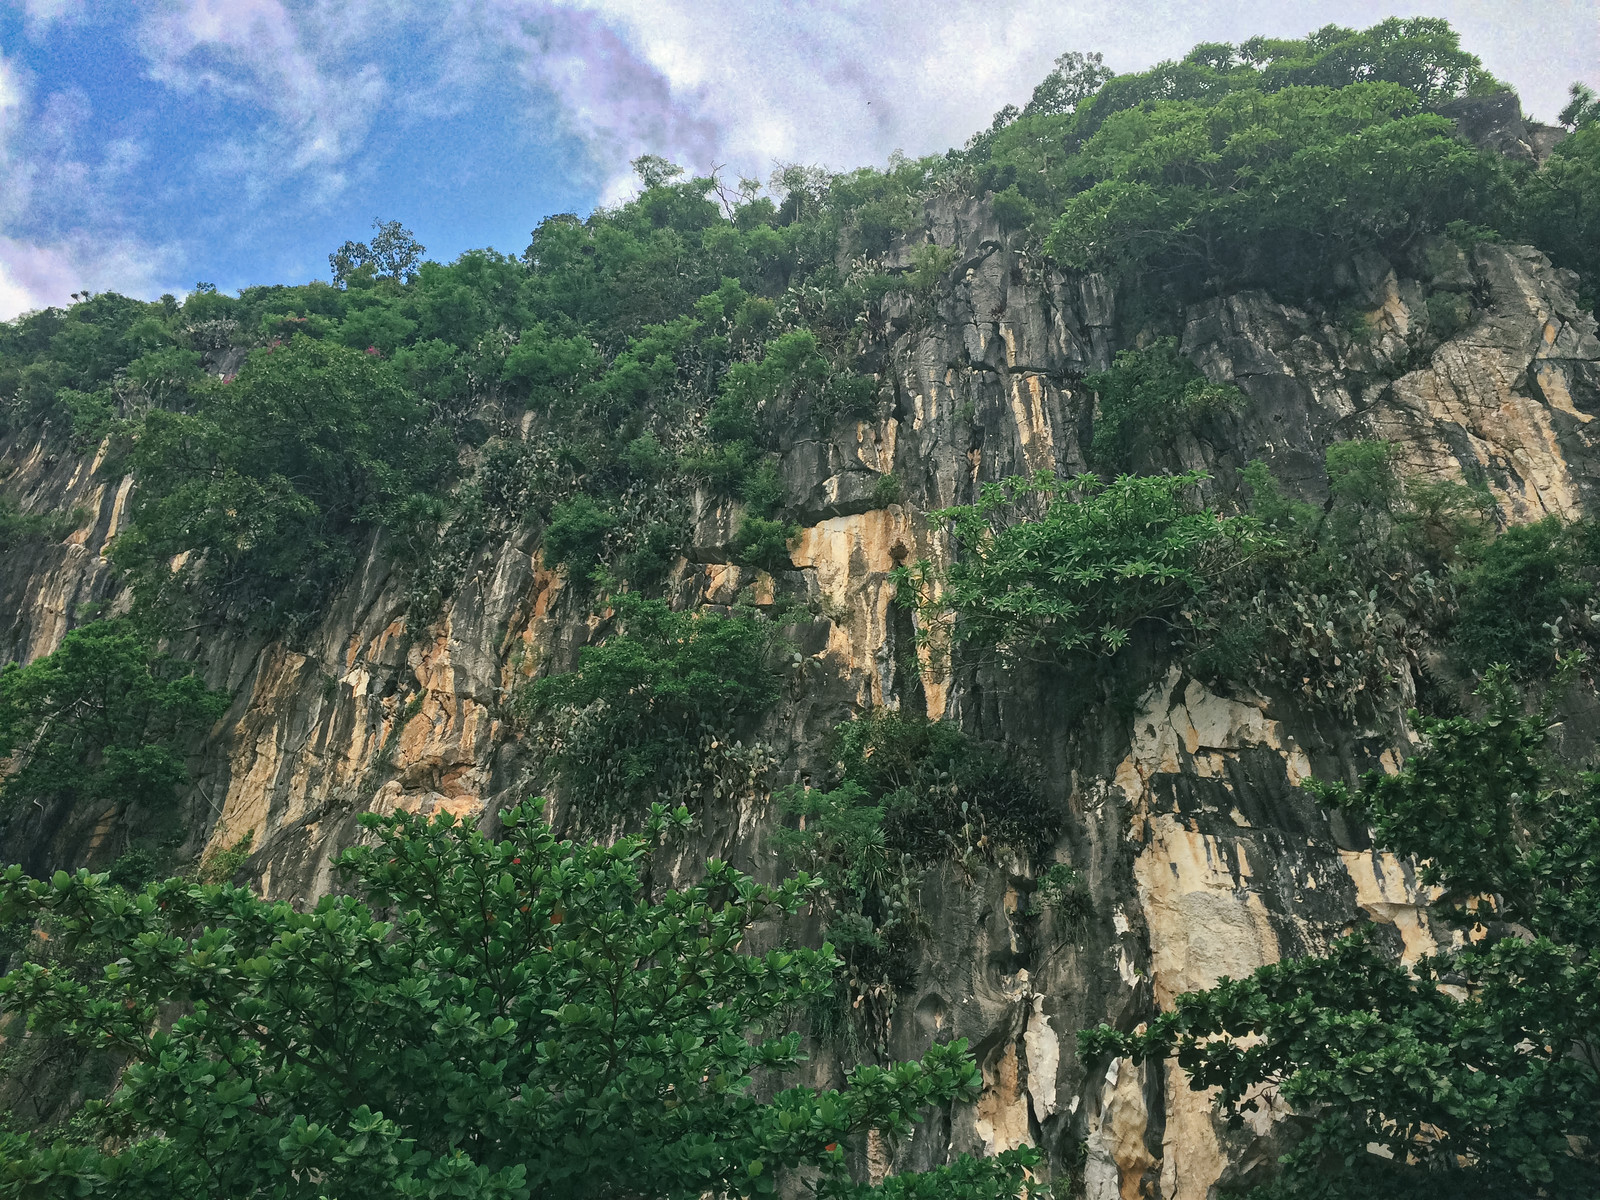 「ベトナムダナンの五行山(マーブル・マウンテン)」の写真